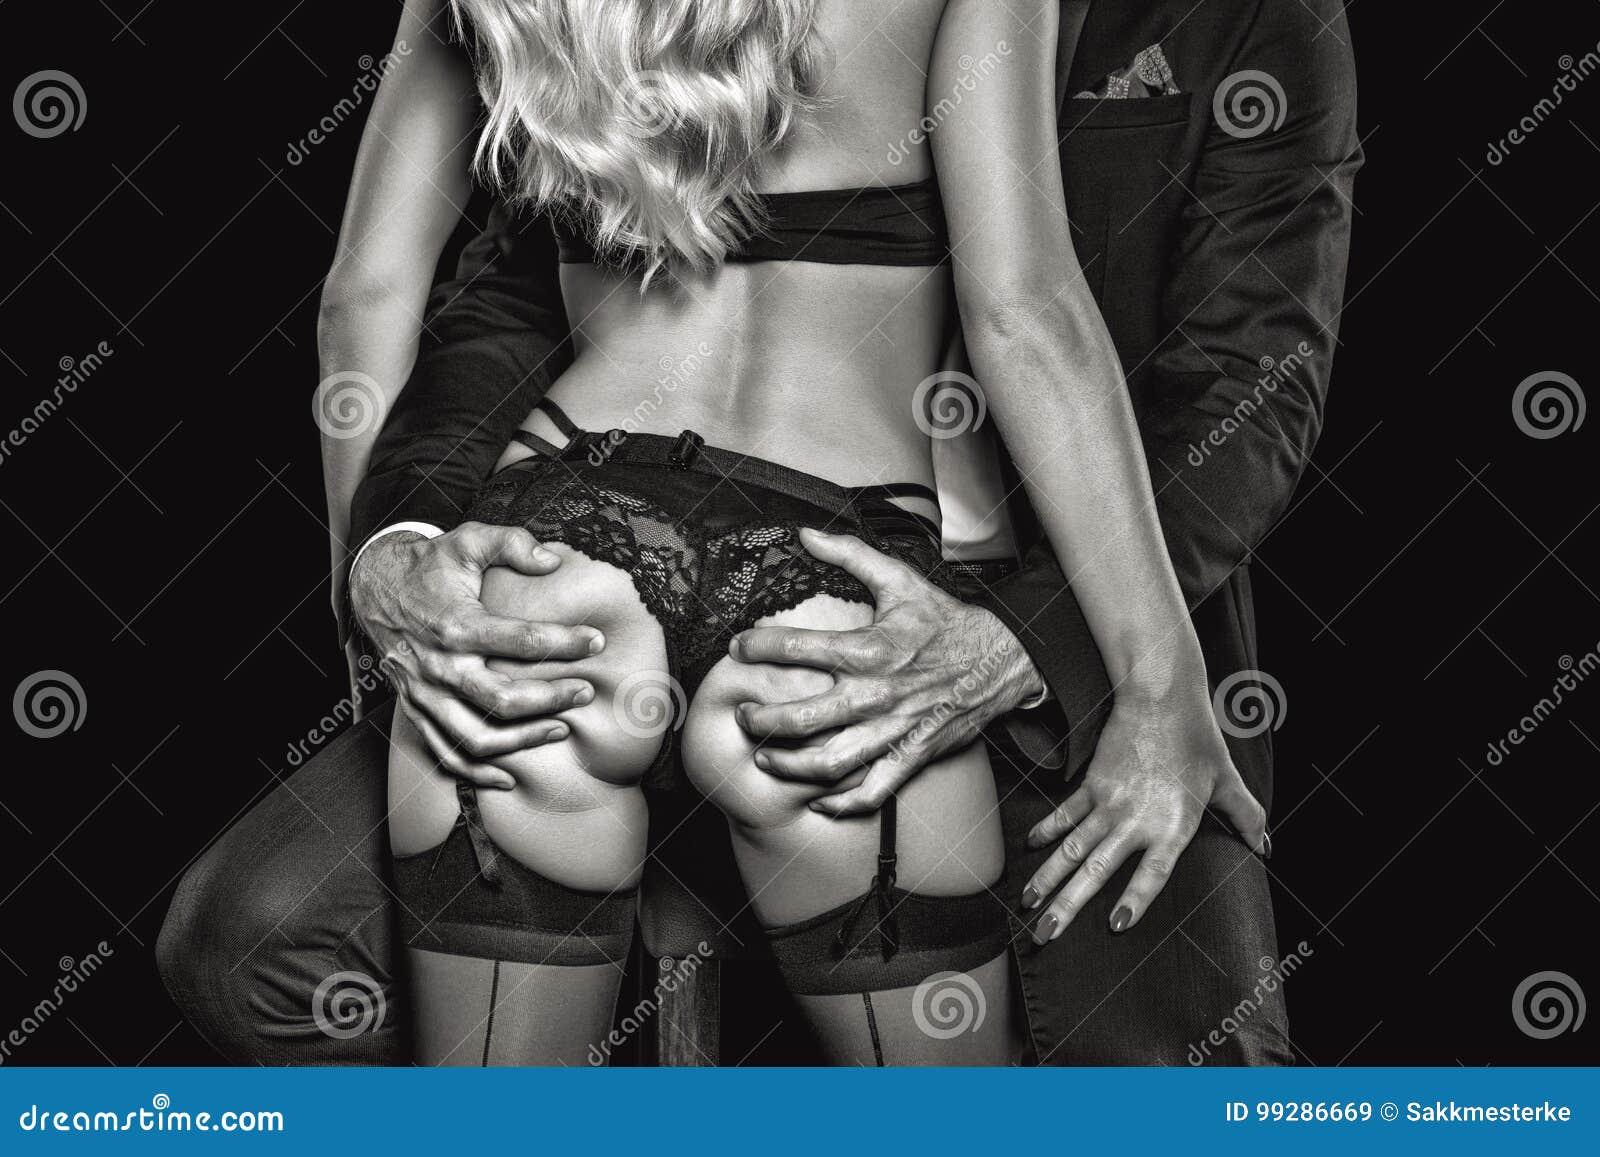 Busty sports bra porn